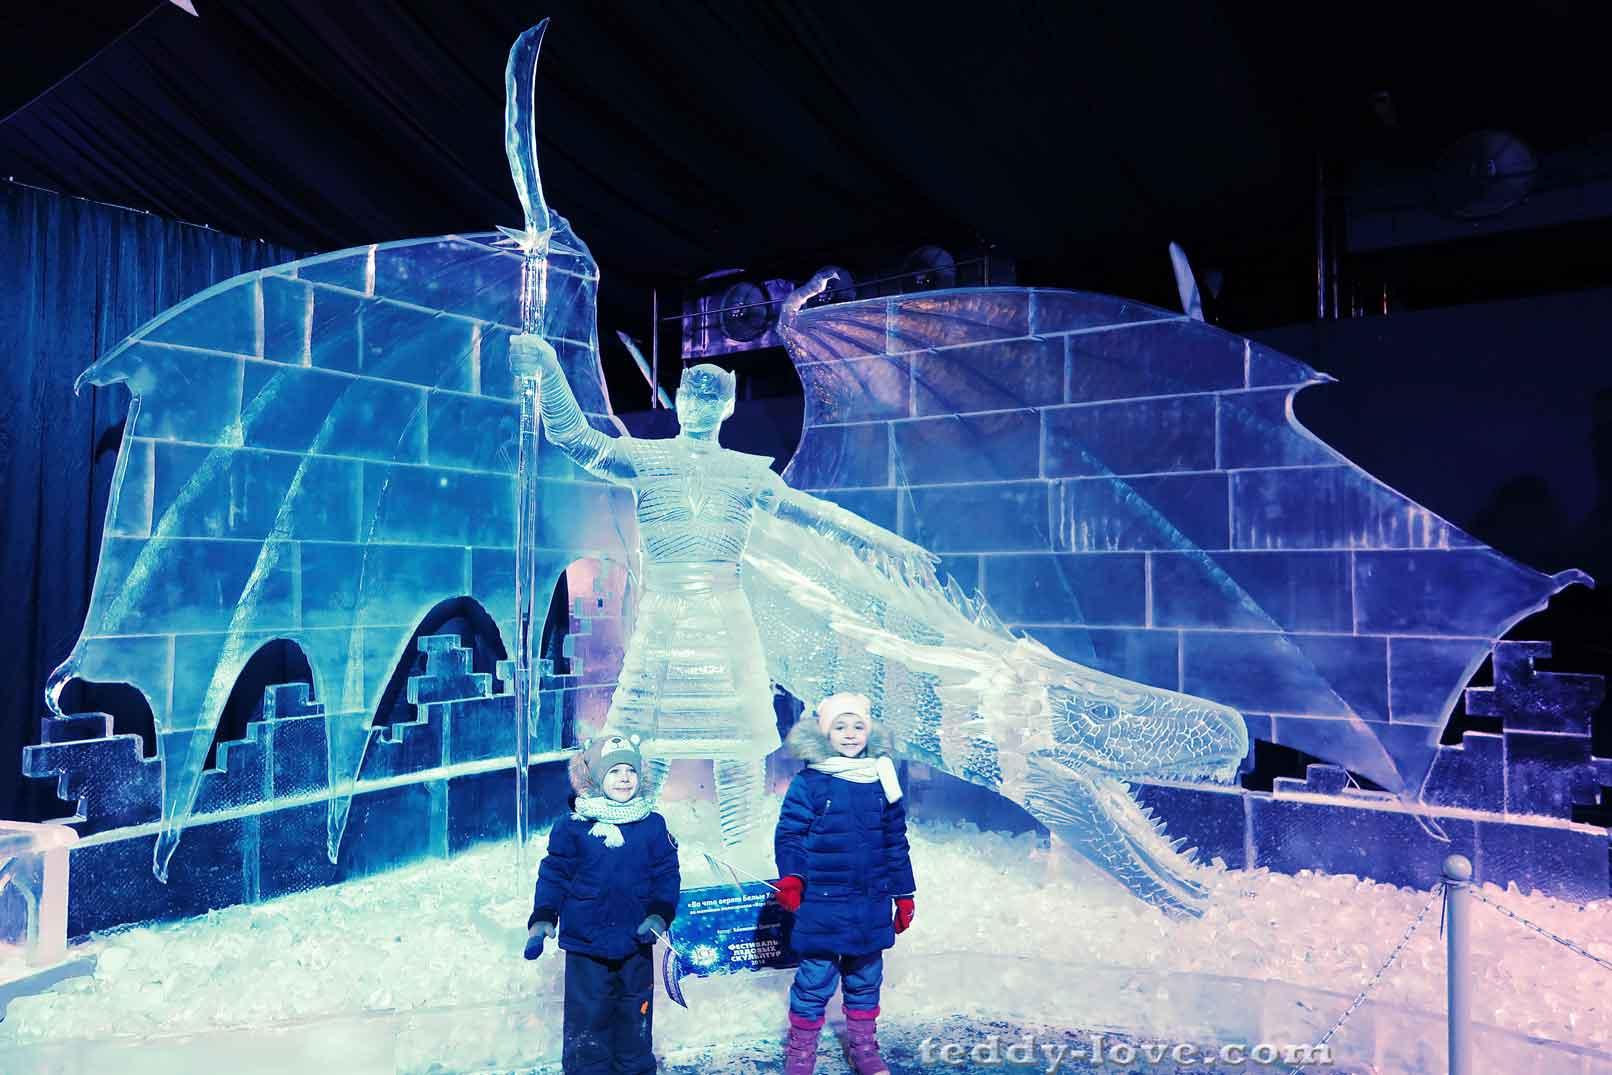 160 Ледяные скульптуры в СПб 2018  2018